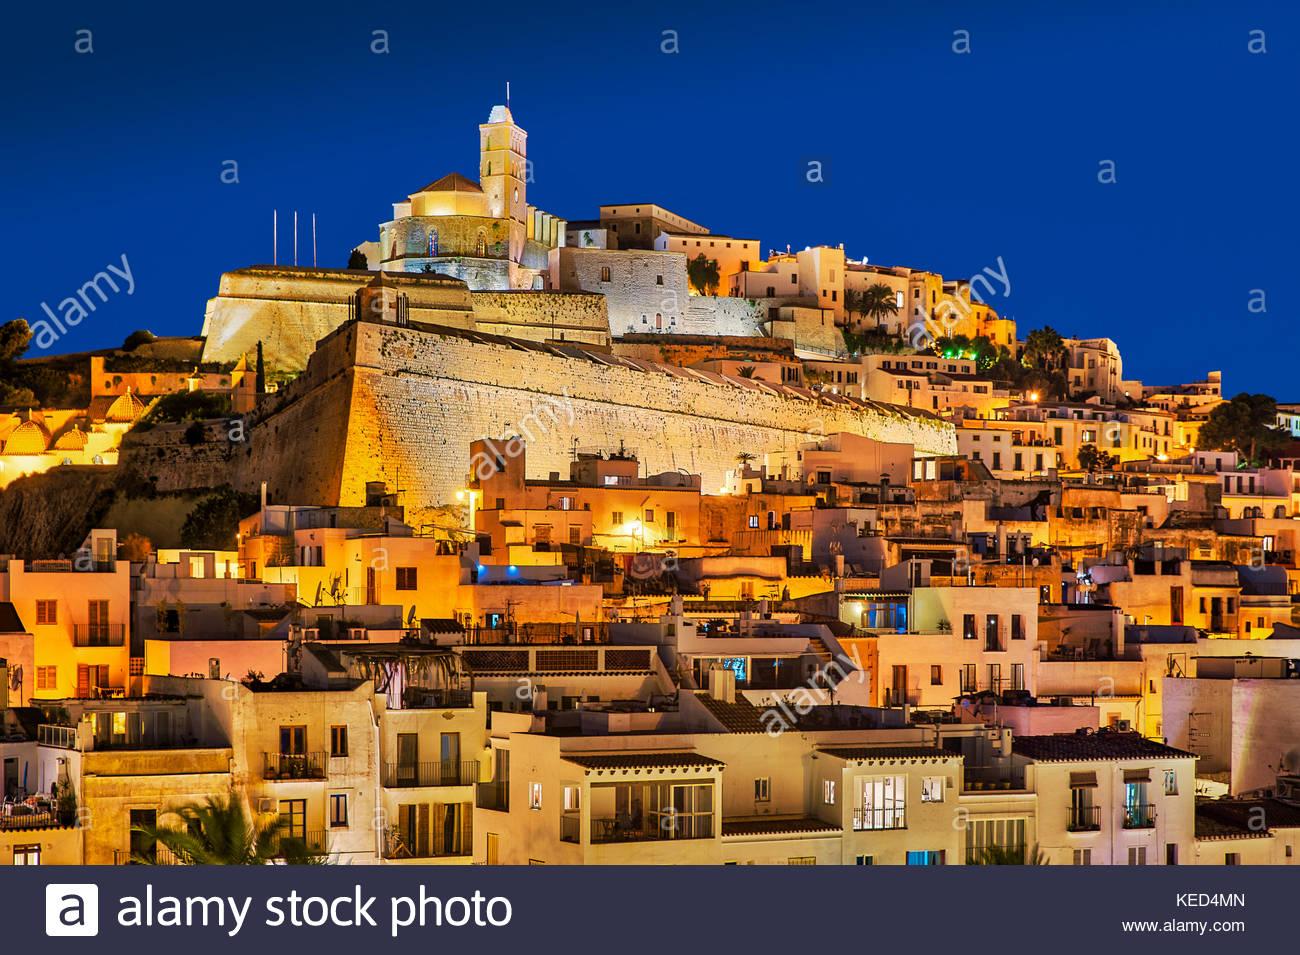 La ville d'ibiza et de la cathédrale de santa maria d'Eivissa la nuit, Ibiza, Baléares, Espagne. Photo Stock